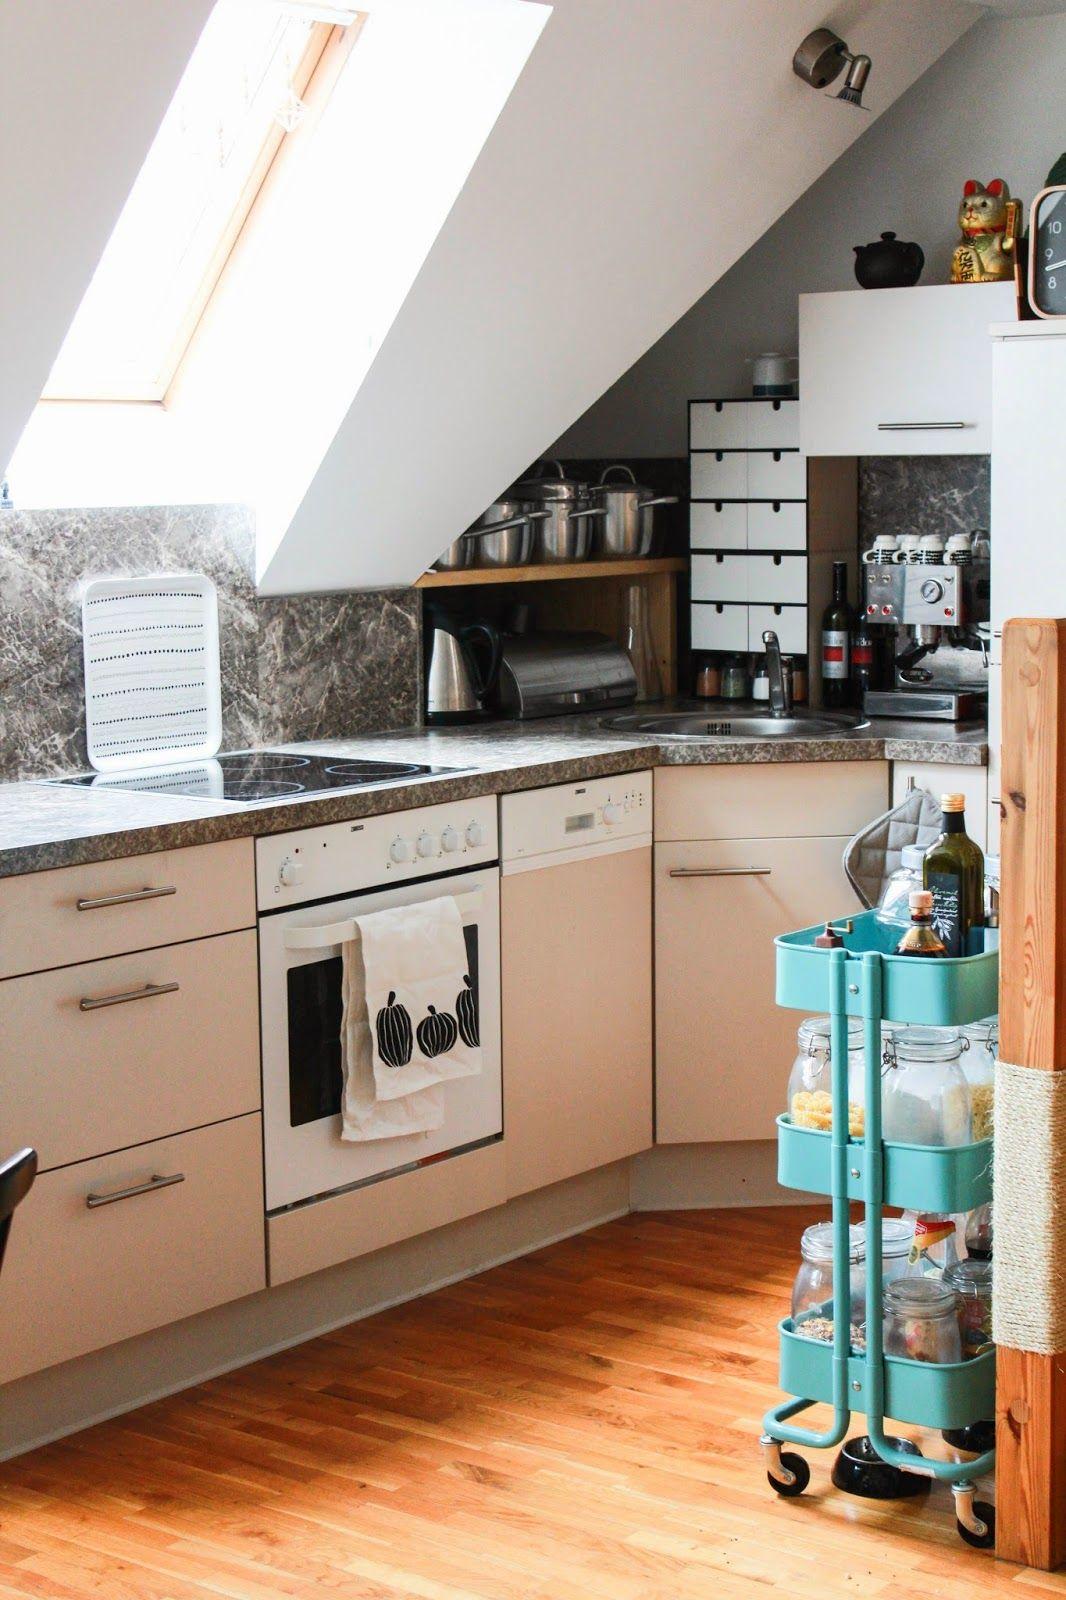 kleine k che mit schr gen und auch kaum oberschr nken sehr sch n wohnungsinspiration. Black Bedroom Furniture Sets. Home Design Ideas